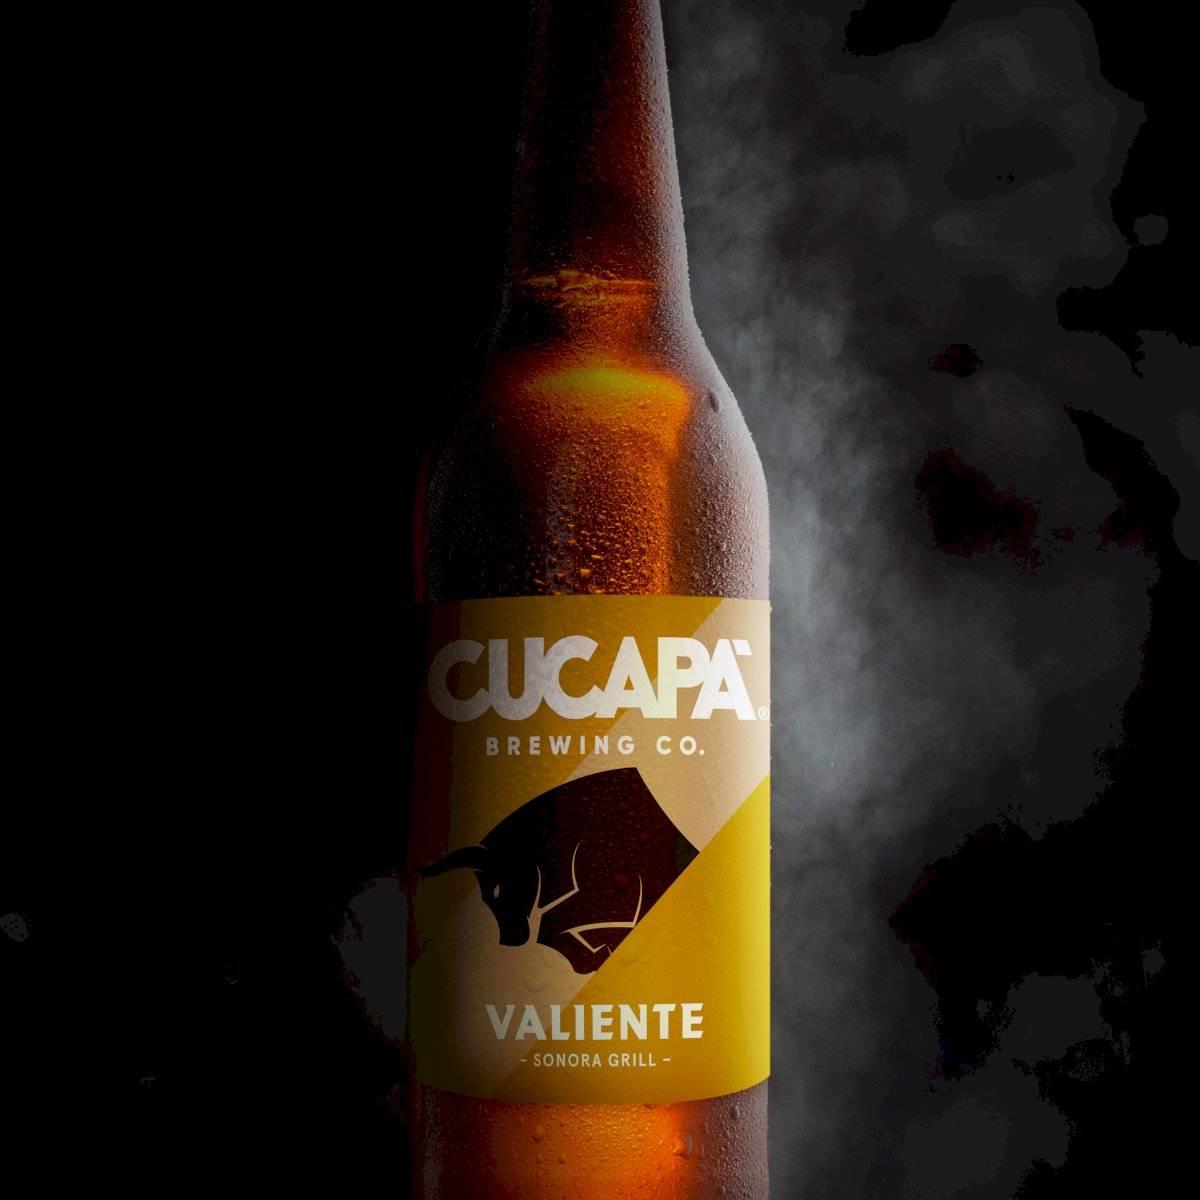 Cucapá Valiente, la nueva cerveza para maridar con los platillos de Sonora Gril Group